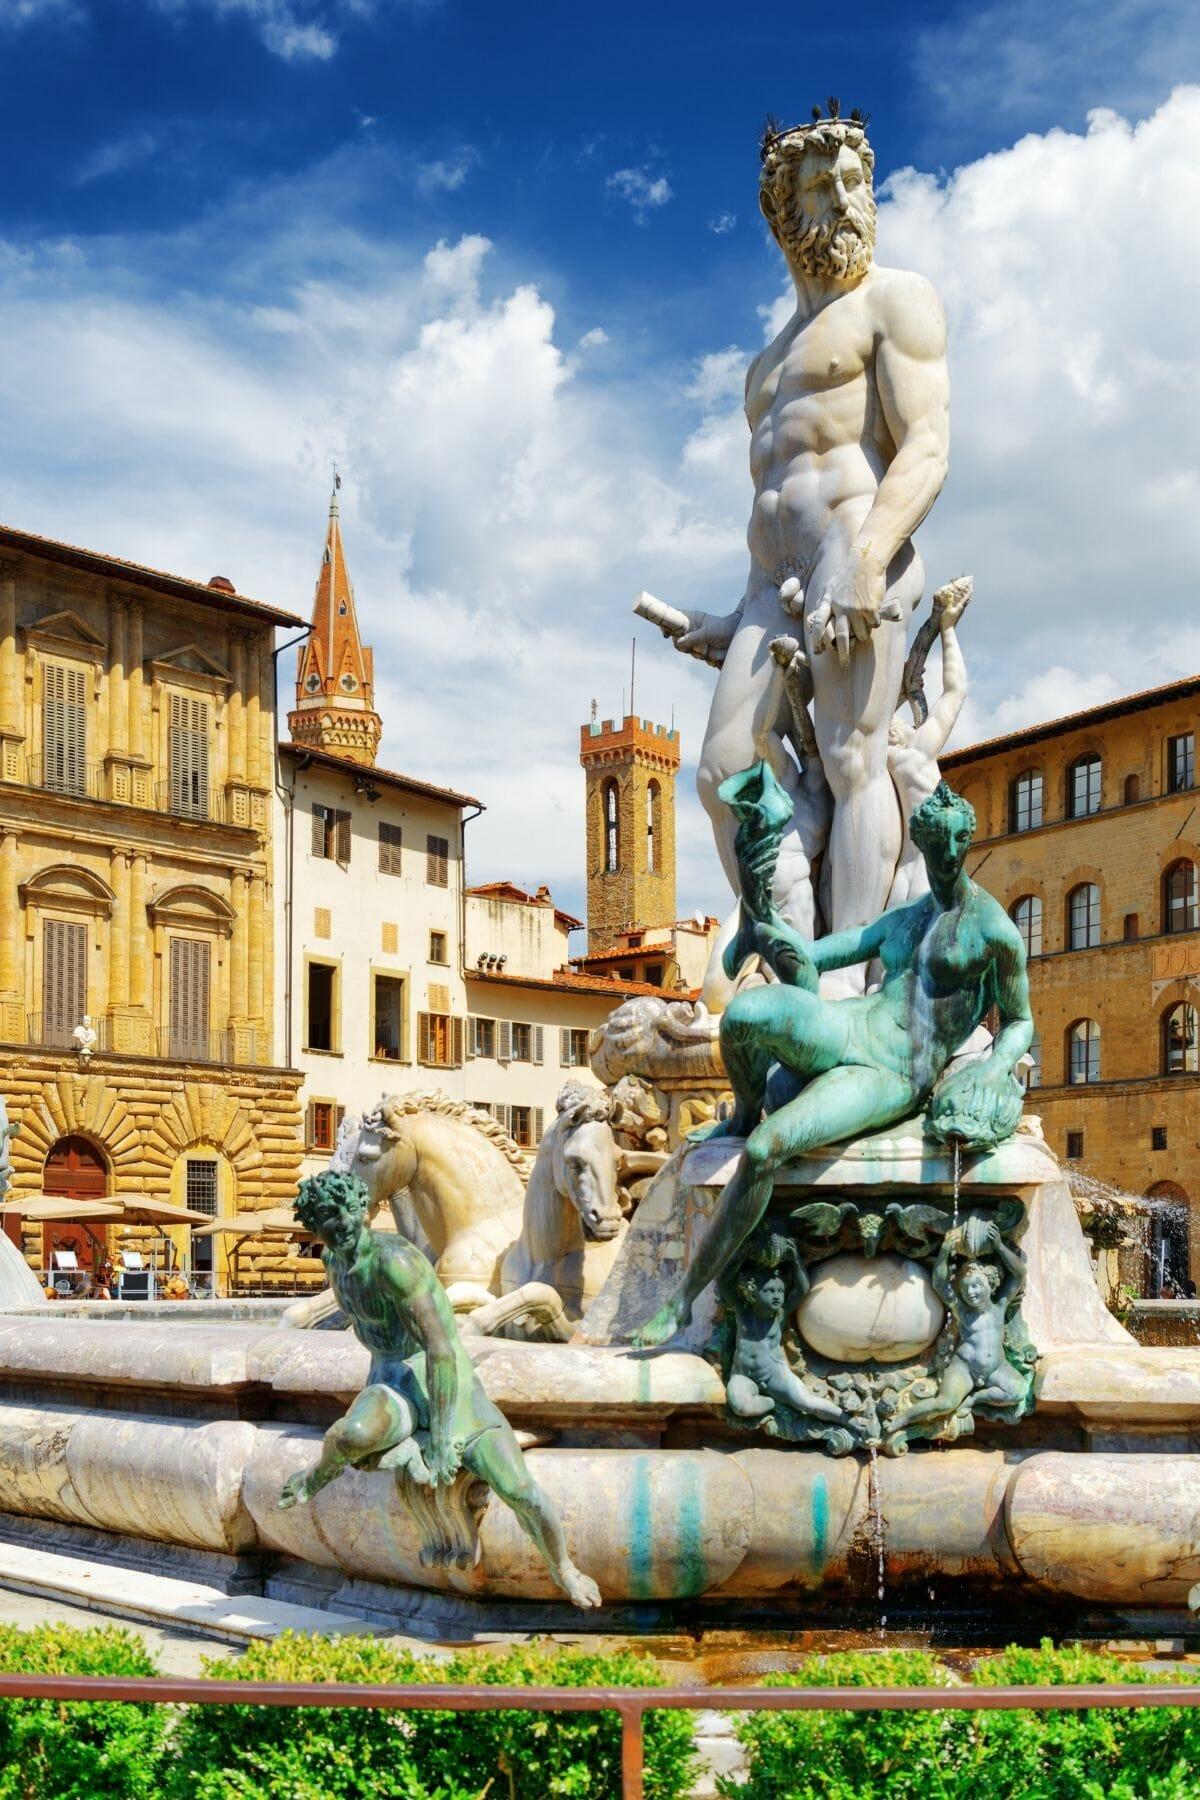 Fountain of Neptune on Piazza della Signoria in Florence, Italy